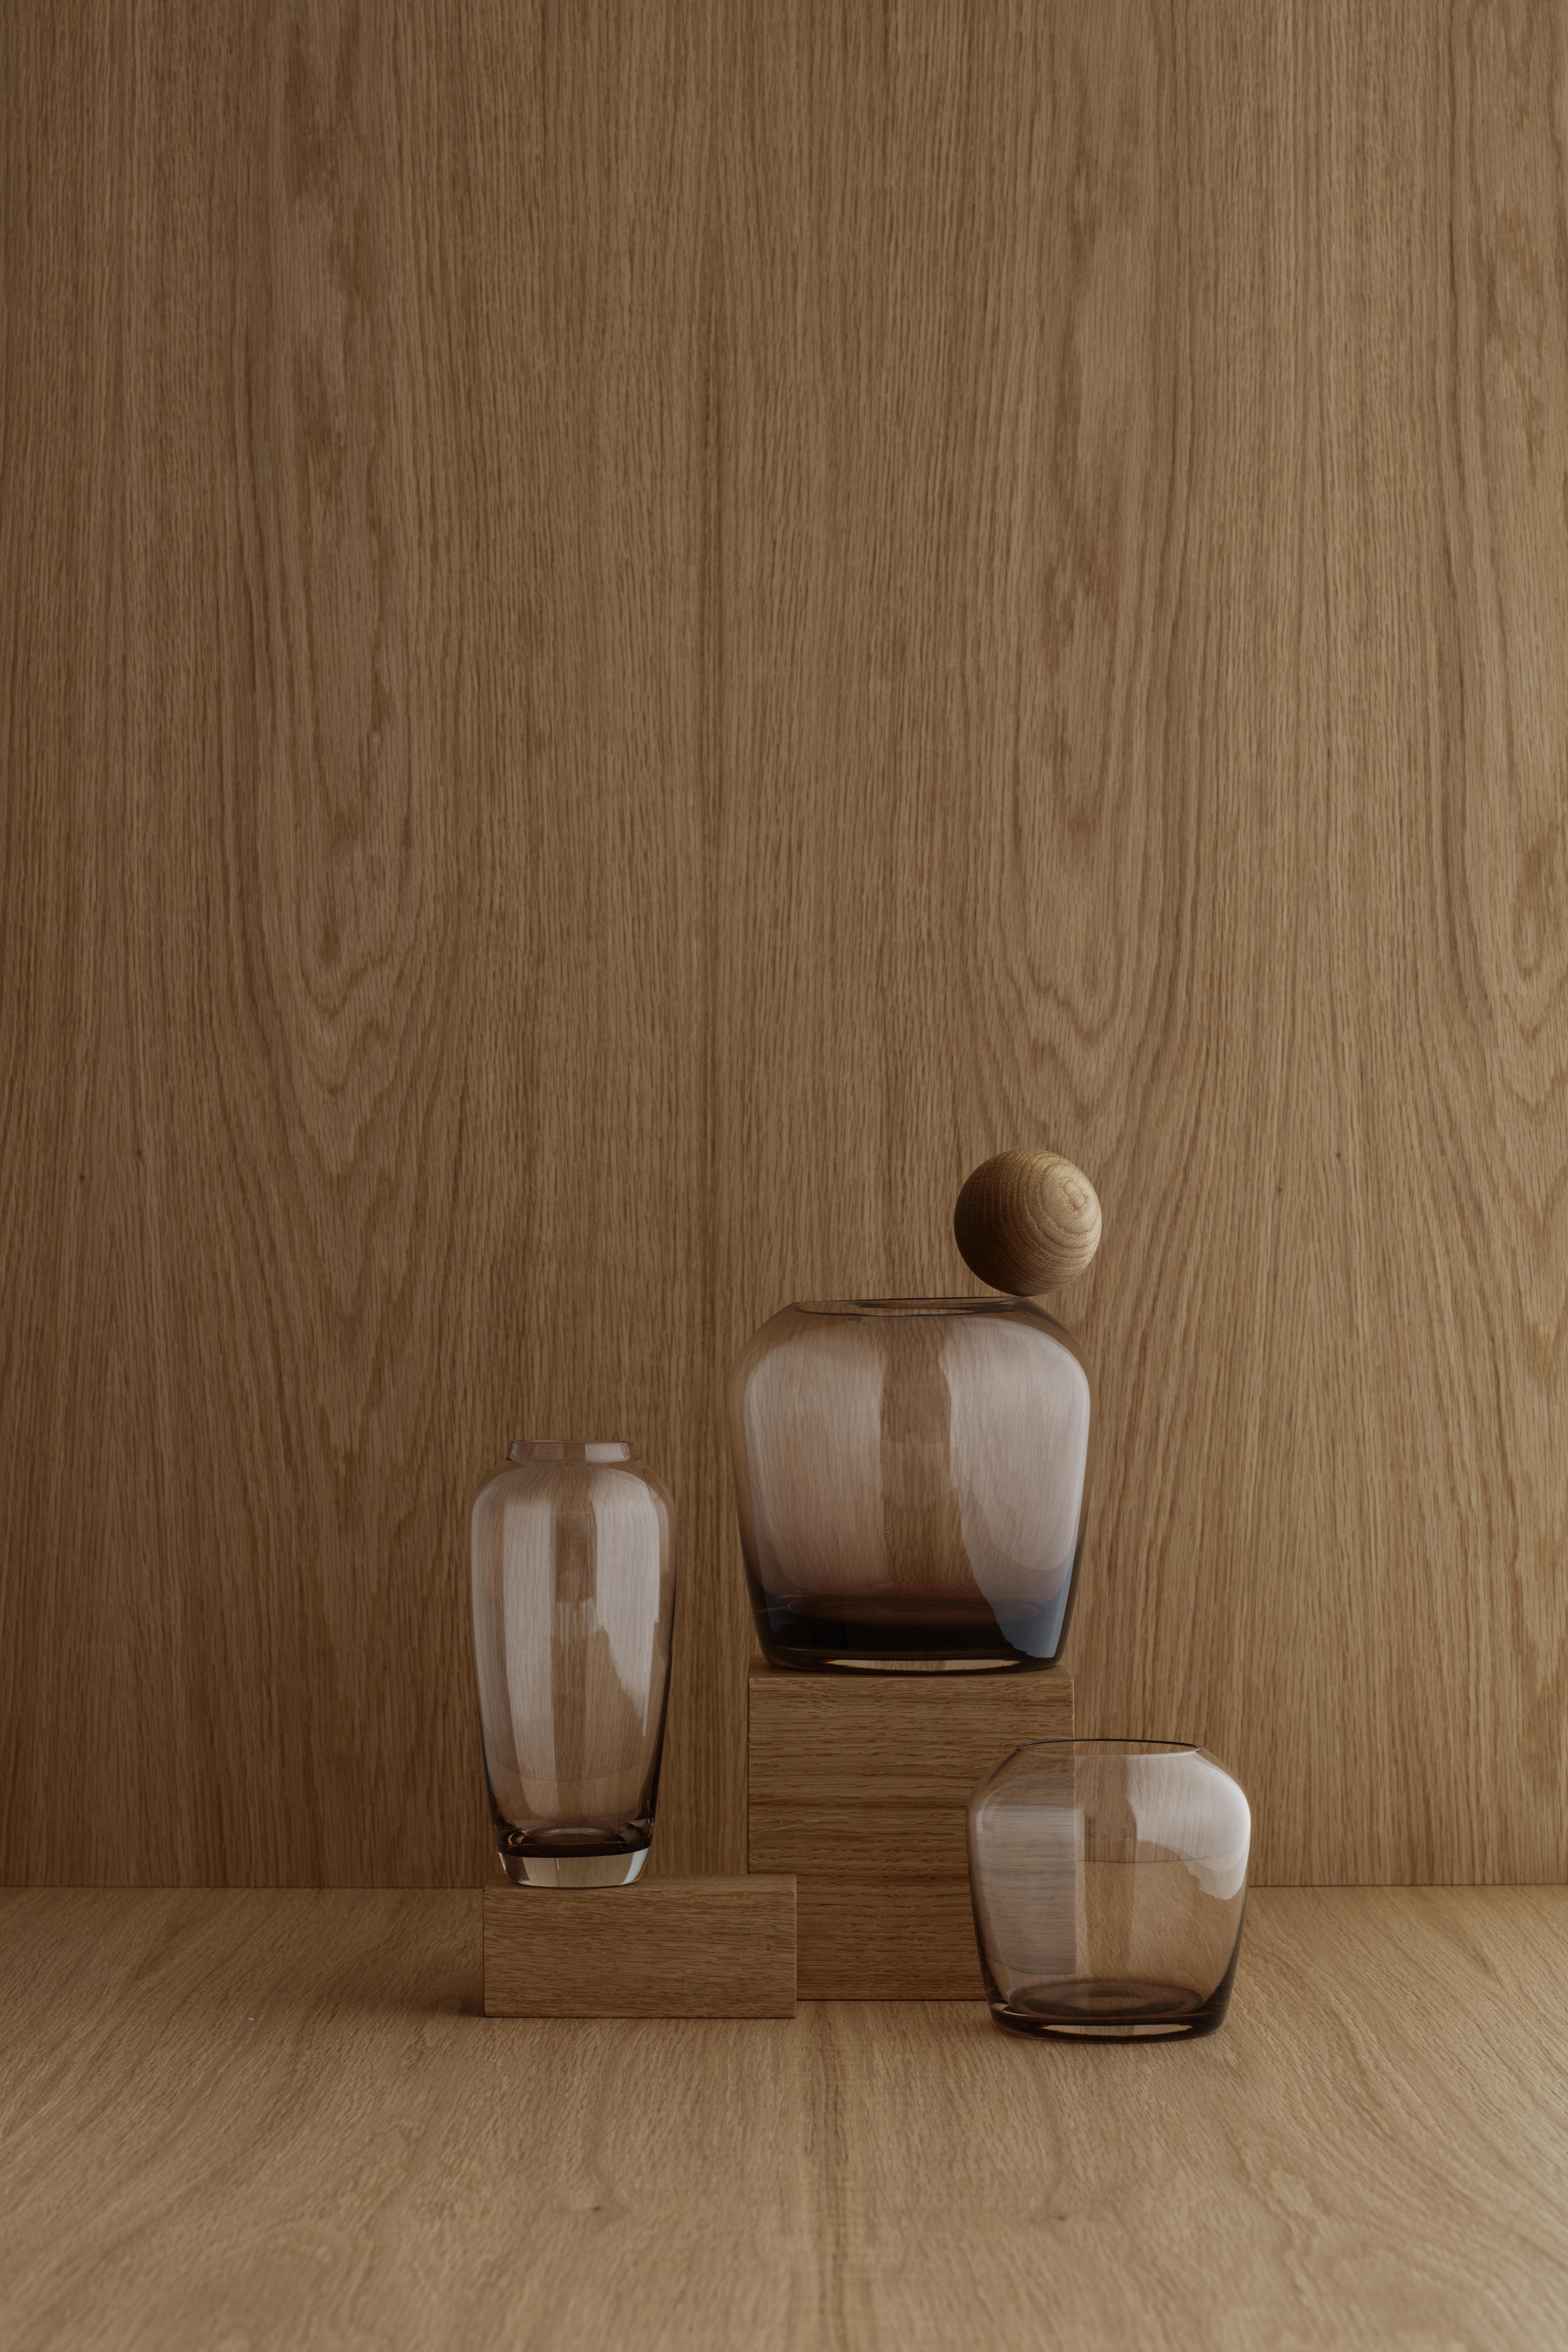 Vase - Blomus - Kaffee - large